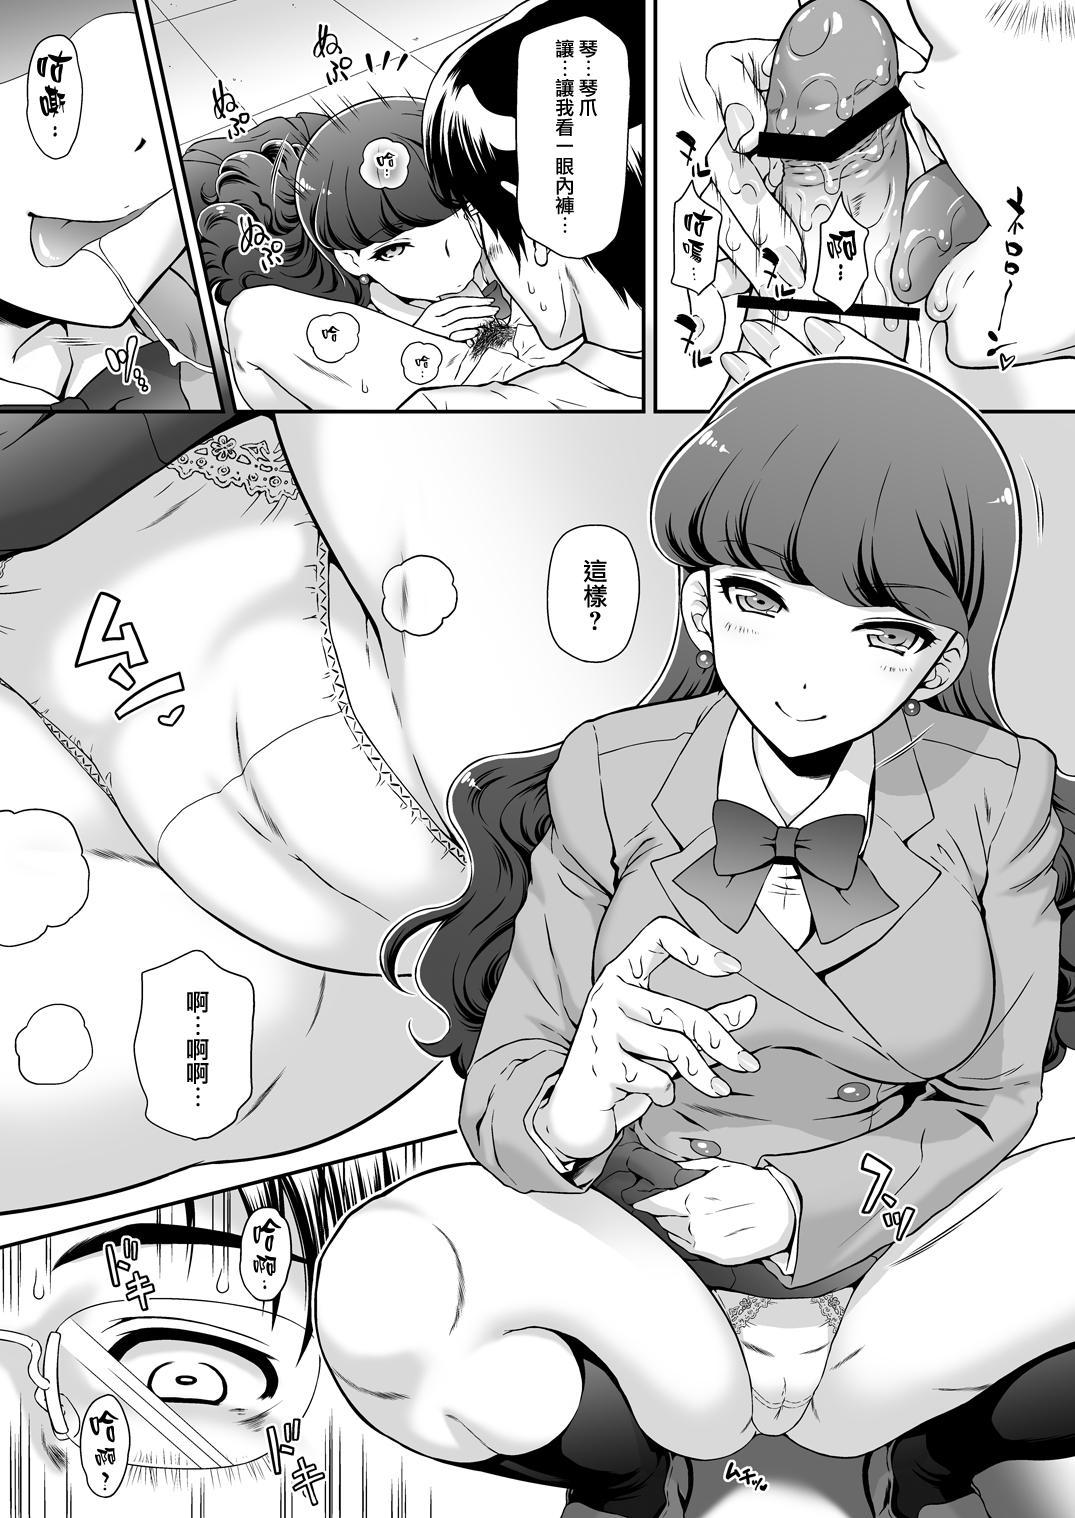 Hatsujou Neko no Shitsukekata 6